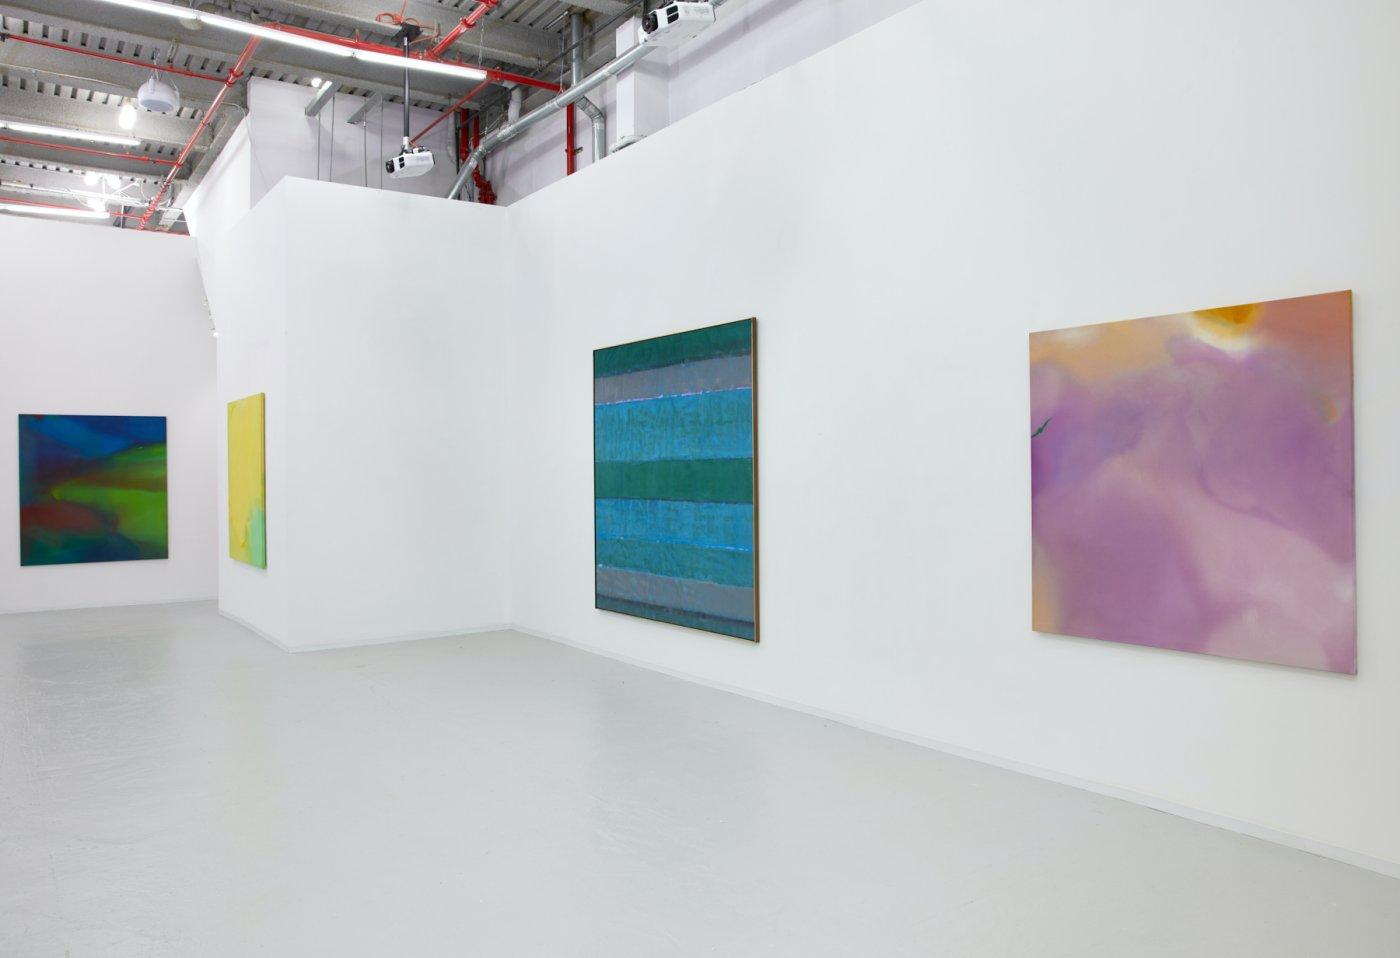 David Richard Gallery Willem de Looper 4